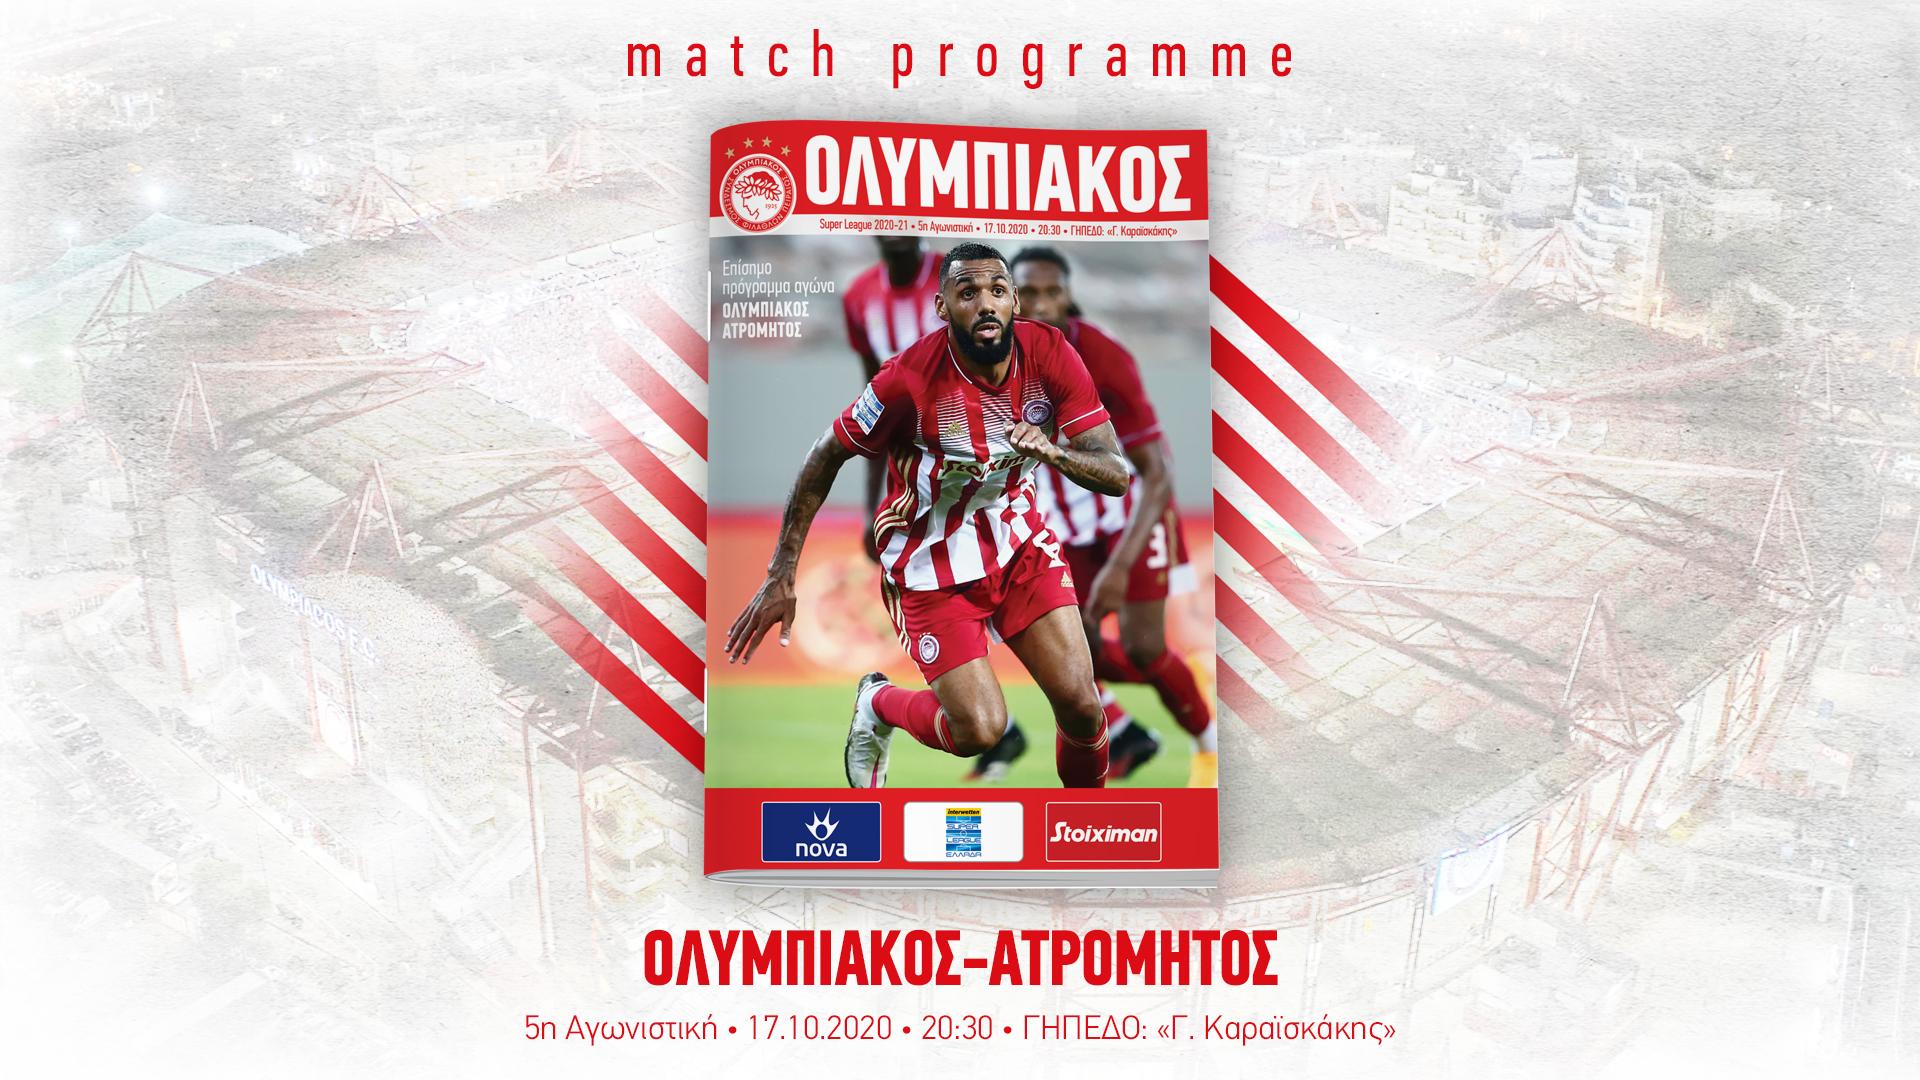 Το Match Programme του αγώνα Ολυμπιακός-Ατρόμητος